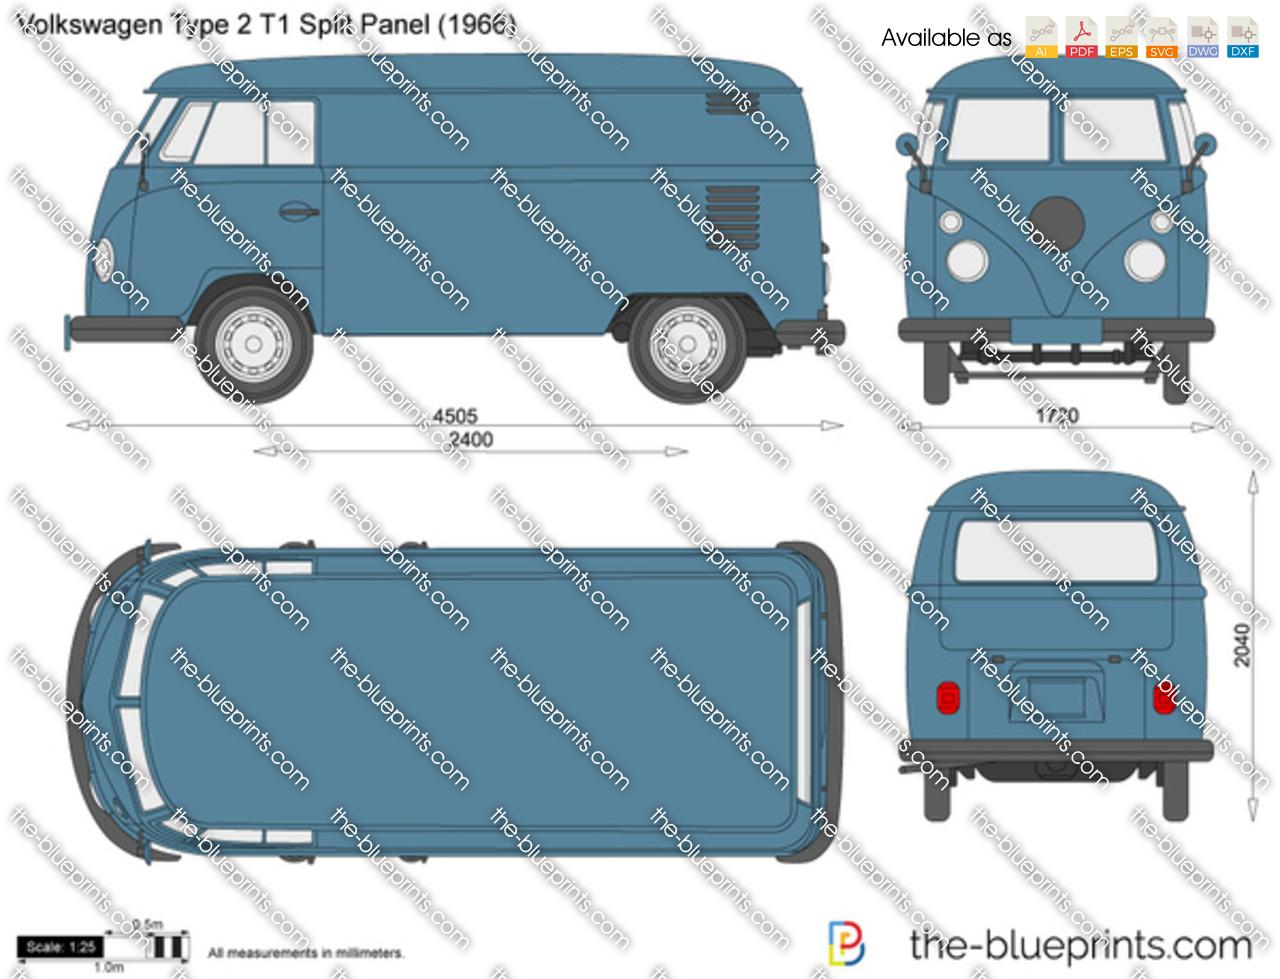 Volkswagen Type 2 T1 Split Panel 1950